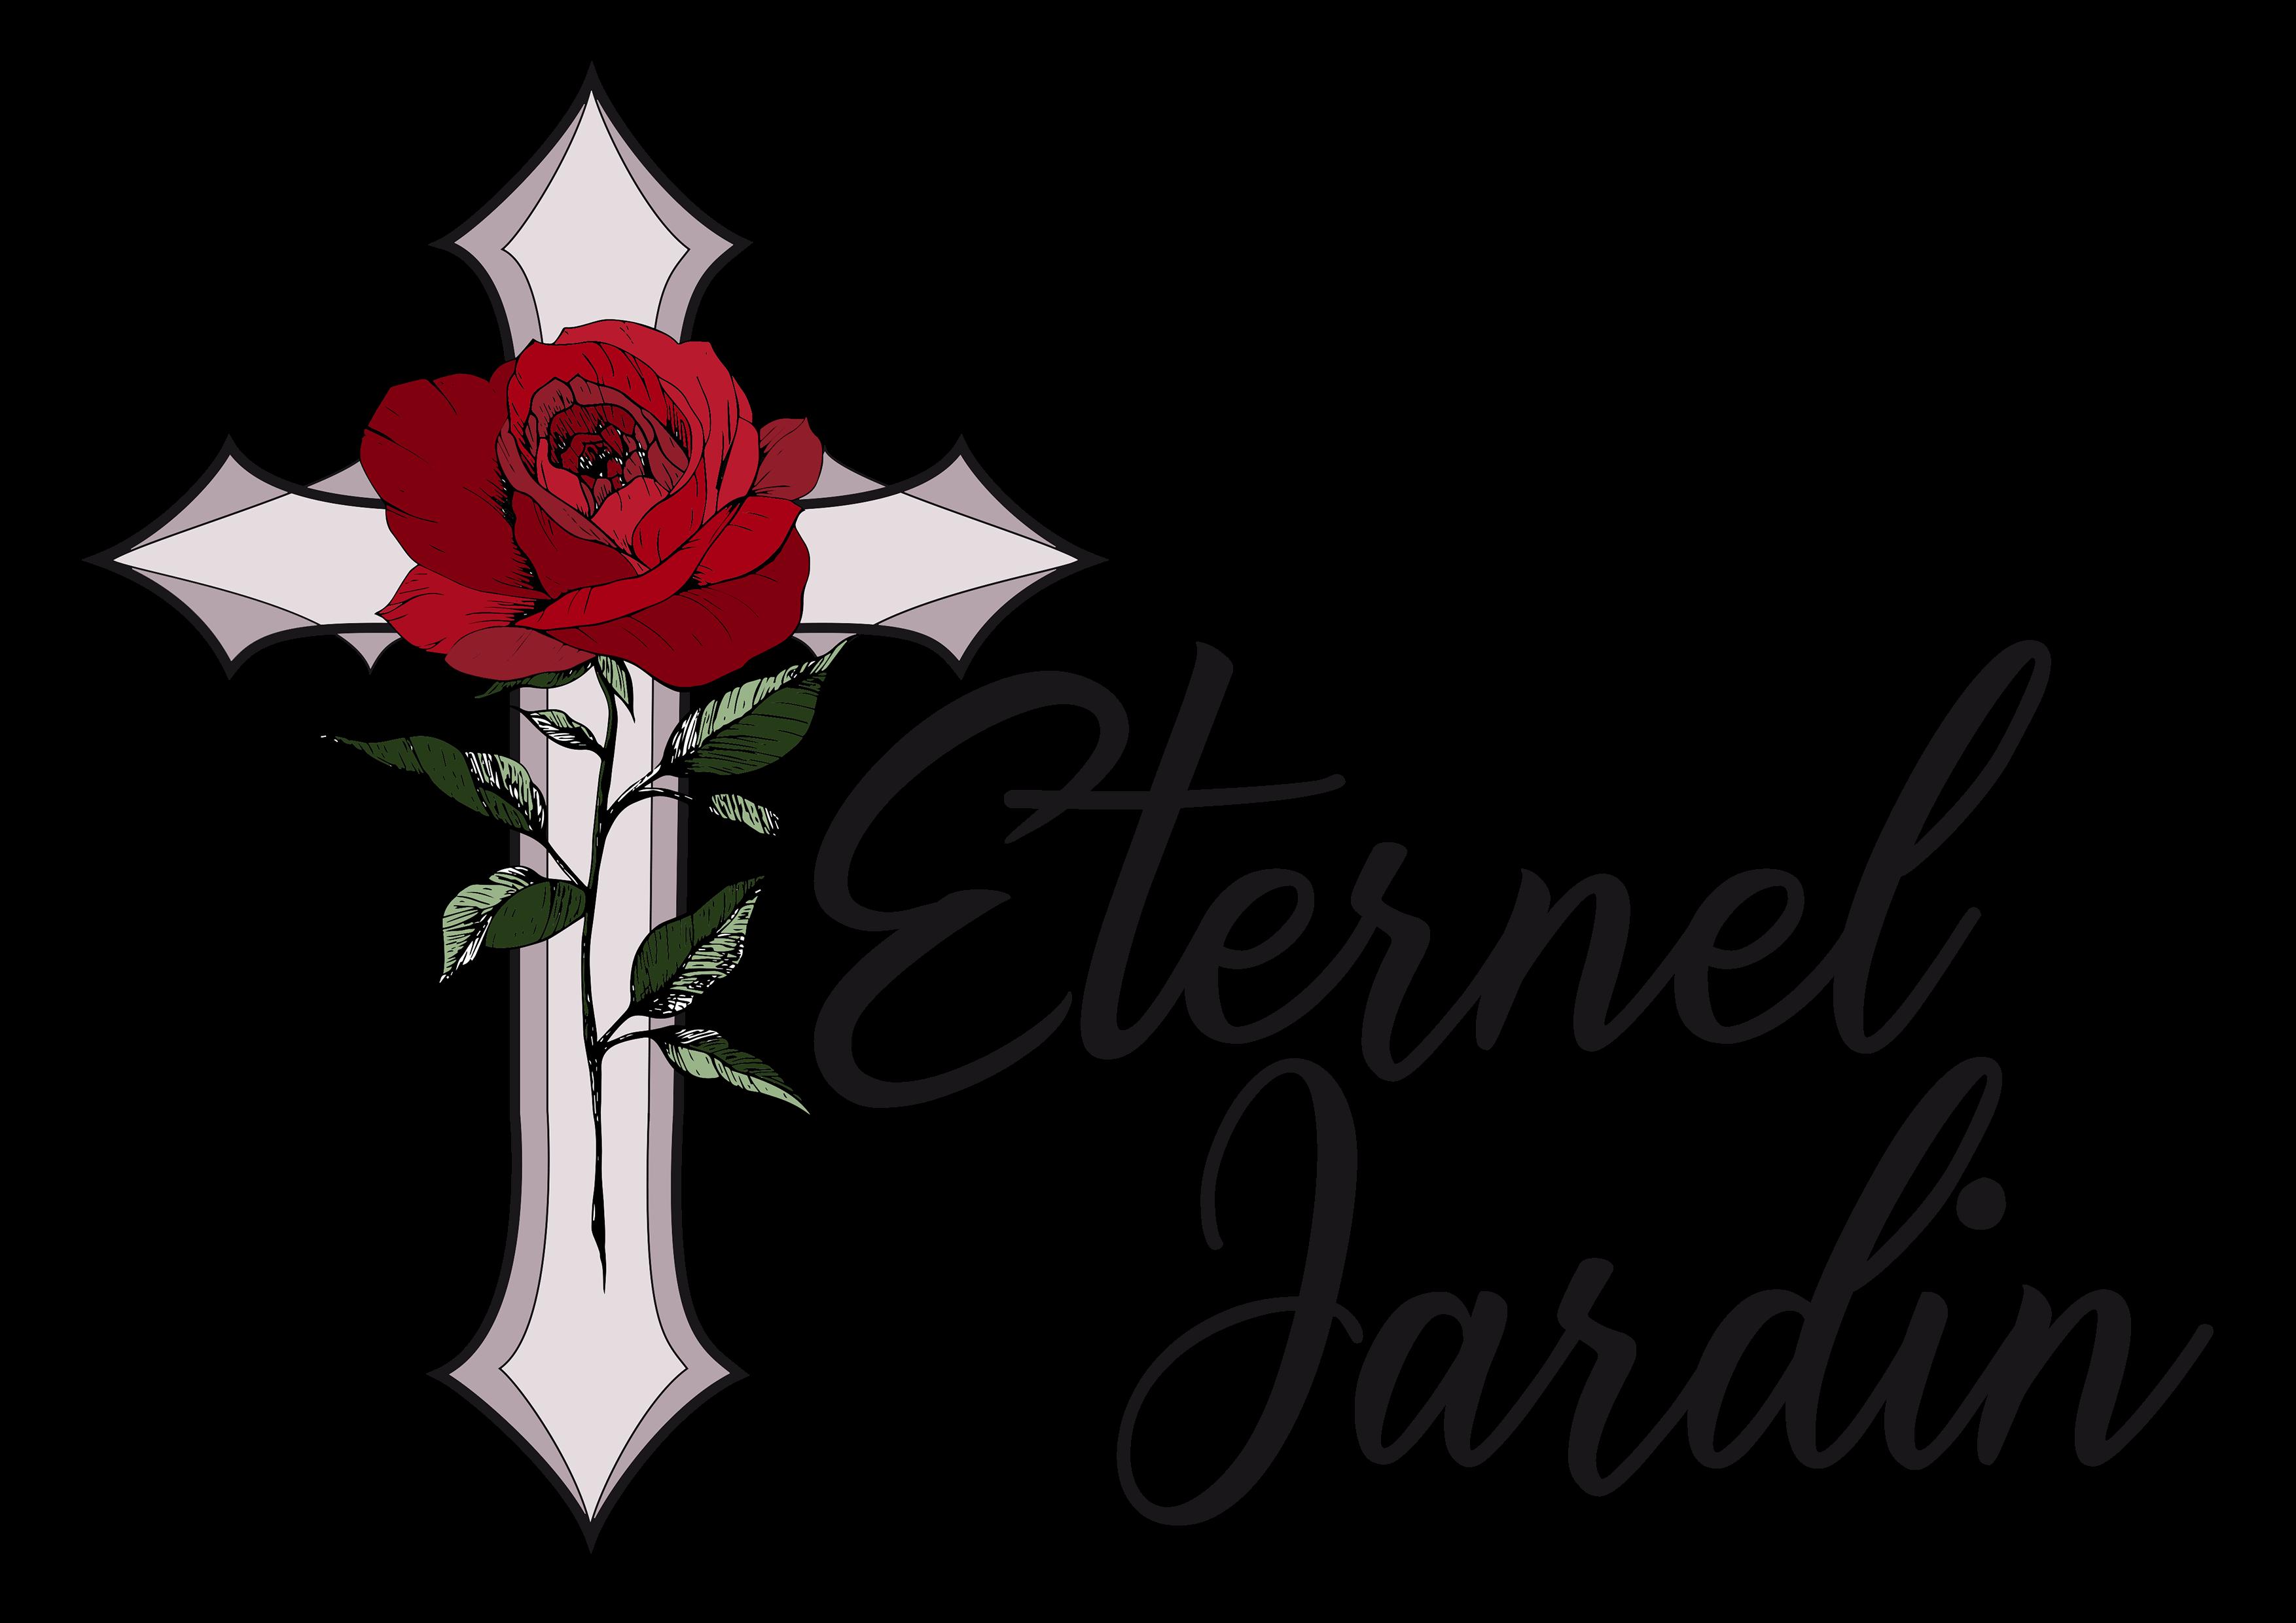 Logo d'Eternel Jardin, une croix avec une rose rouge par dessus